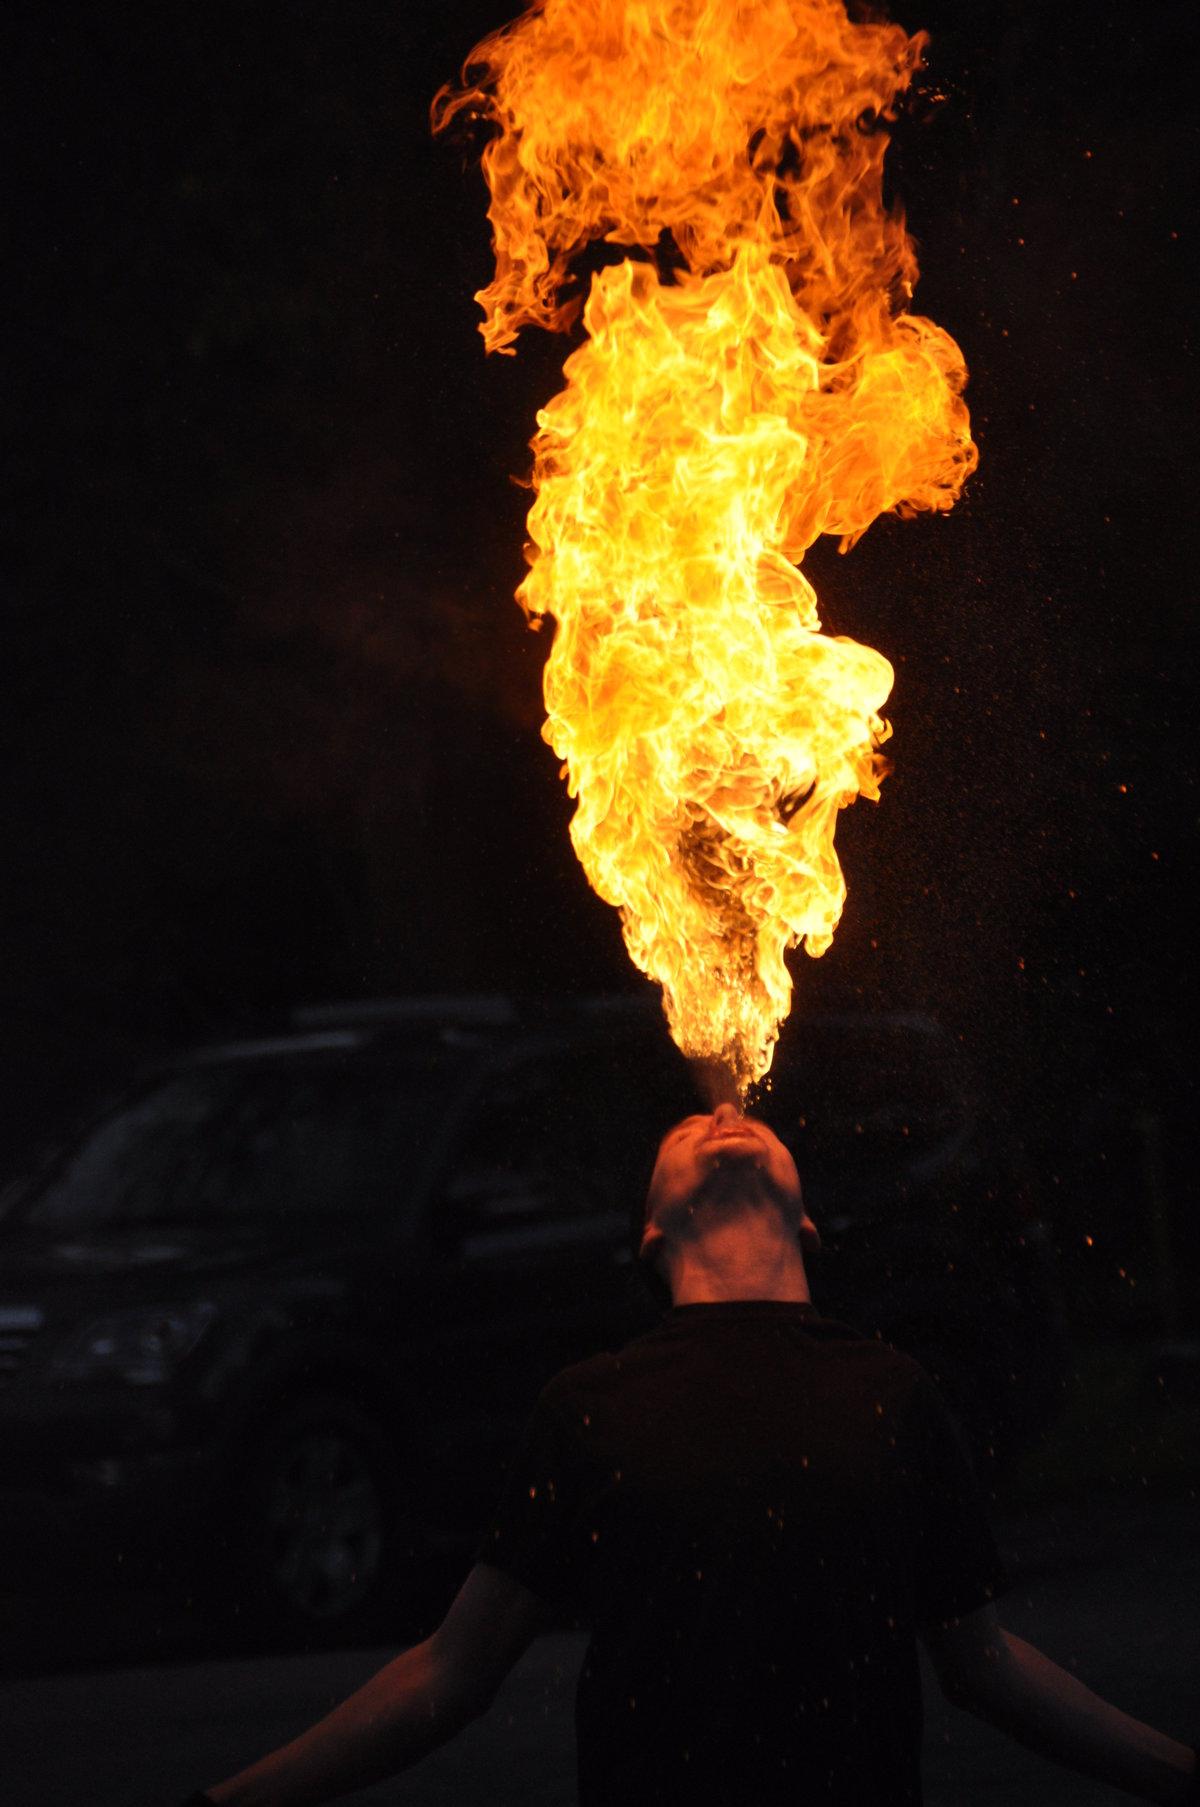 модель фото люди с огнями меня такая